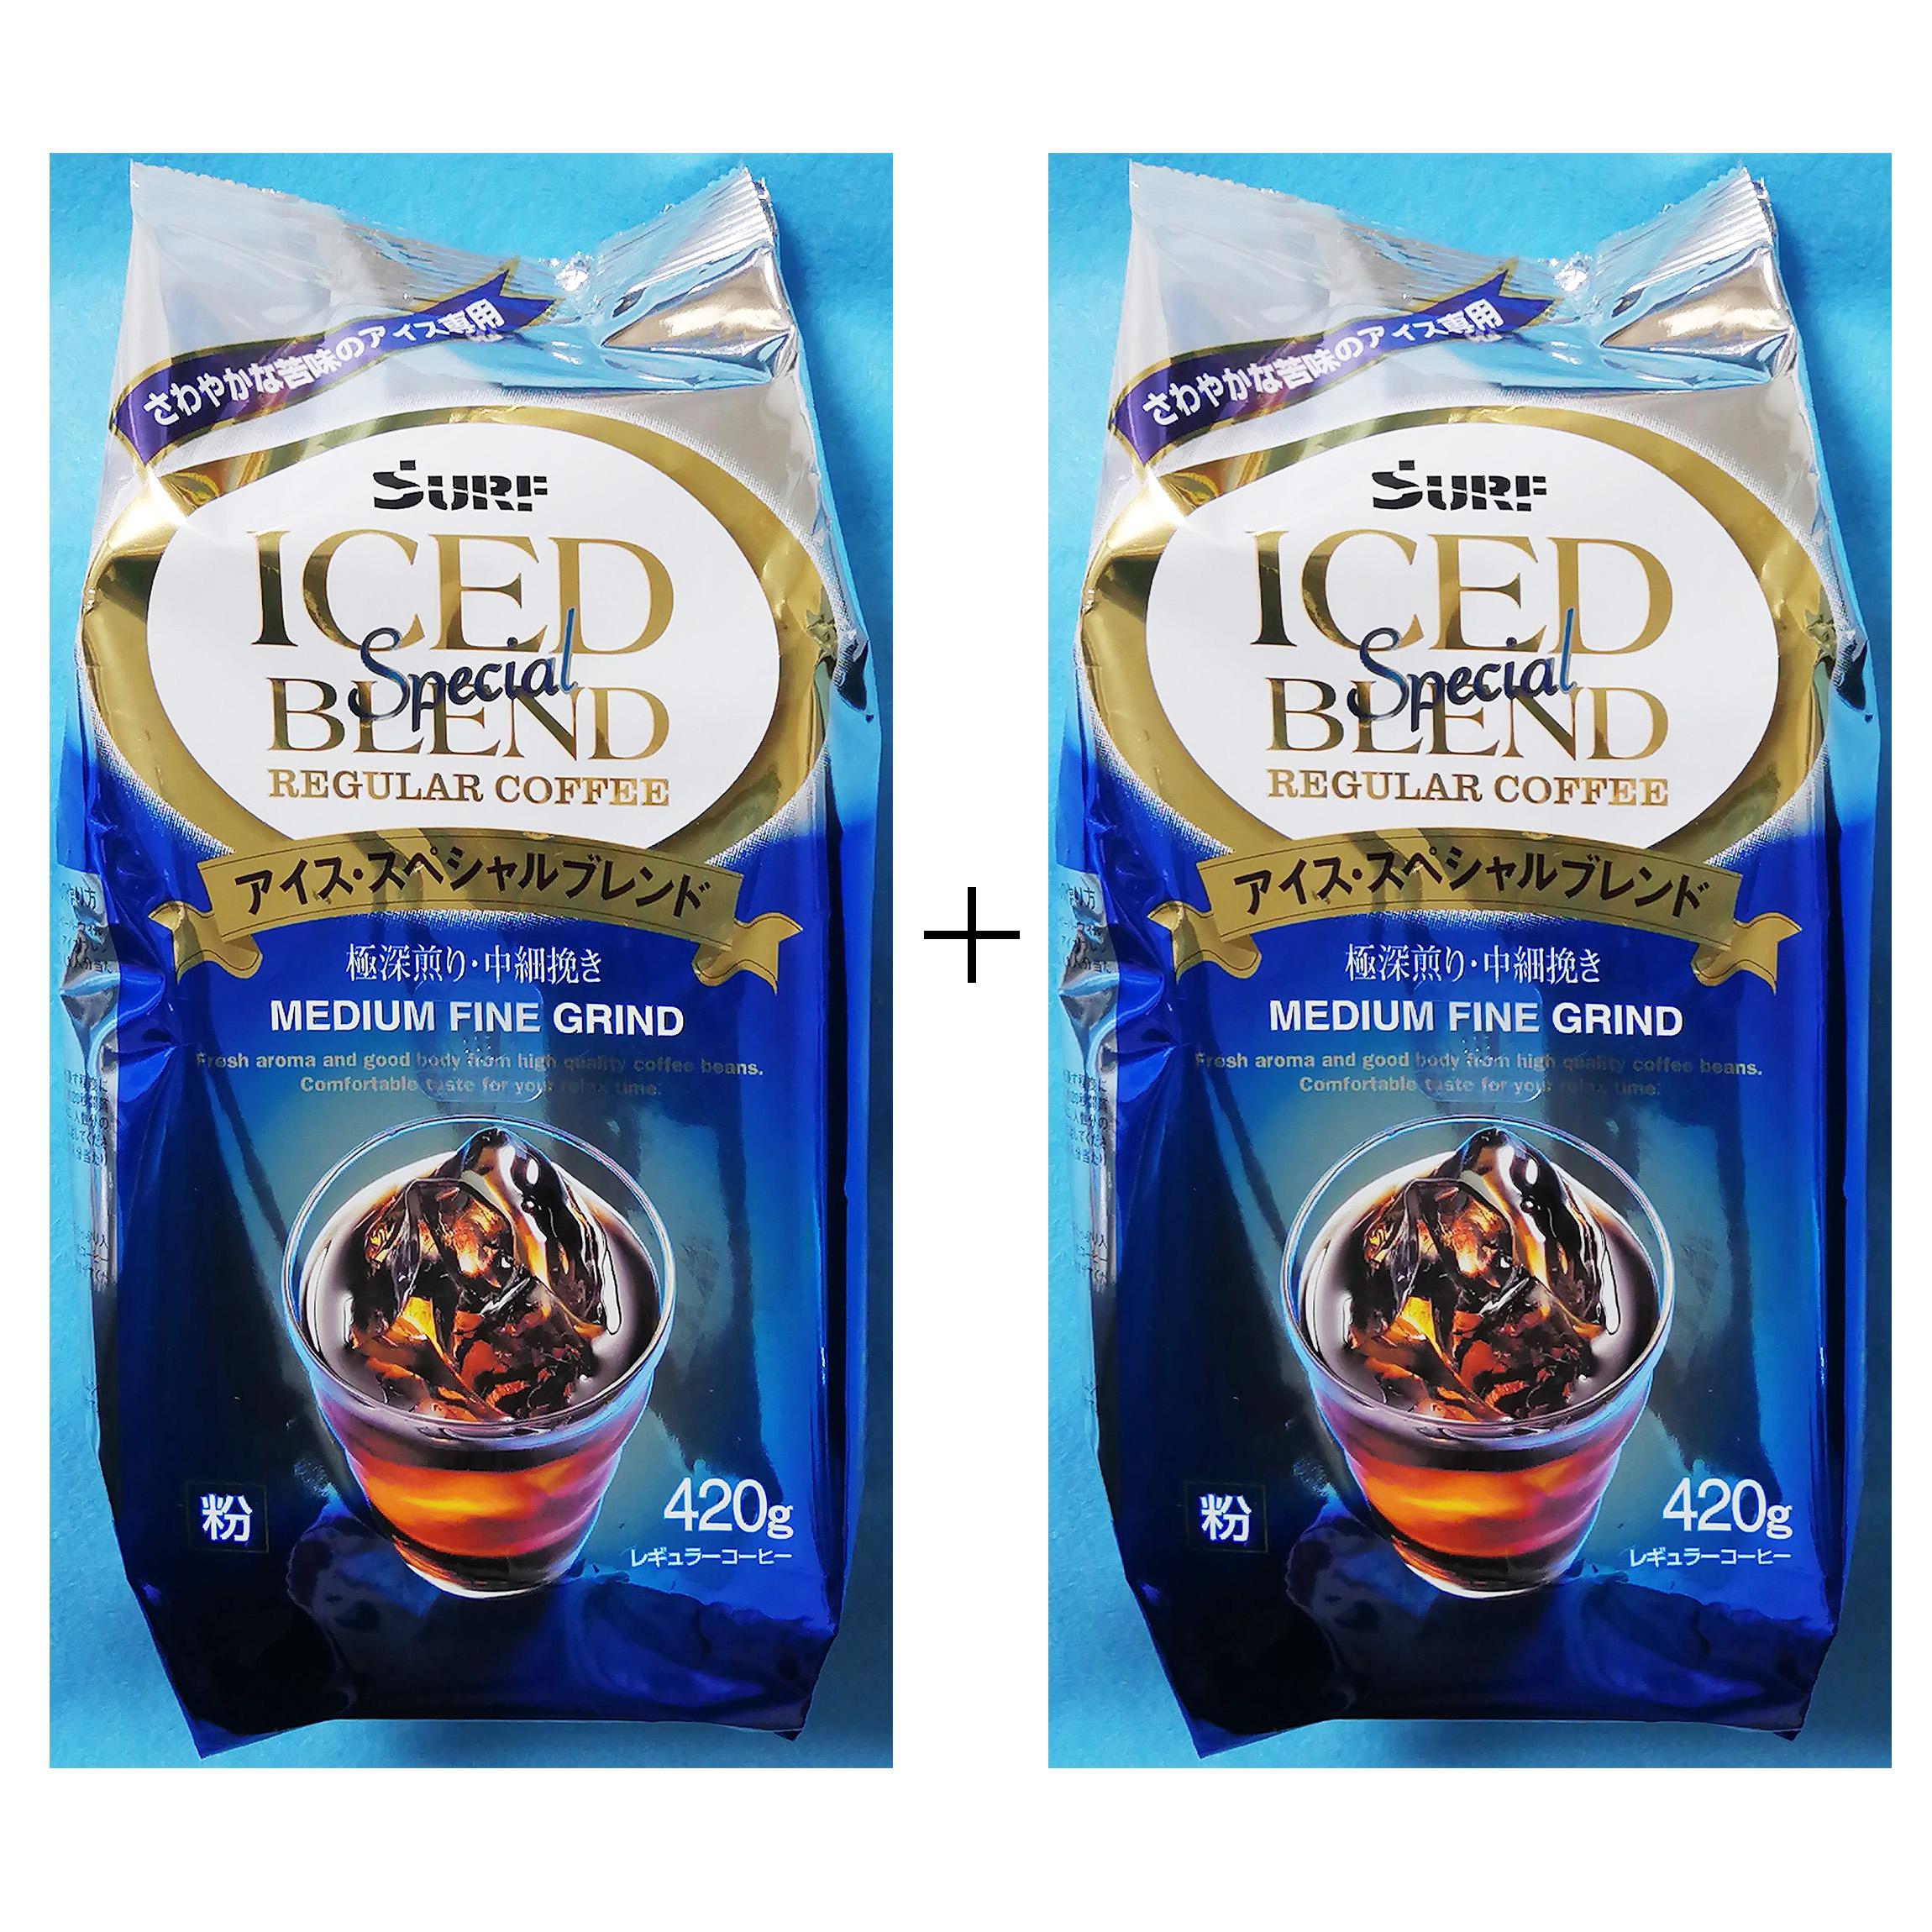 キャンセル不可 返品不可 ハマヤHAMAYA さわやかな苦味のアイス専用アイス 極深煎り 420gx2袋 正規販売店 スペシャルブレンド 中細挽き粉 <セール&特集>